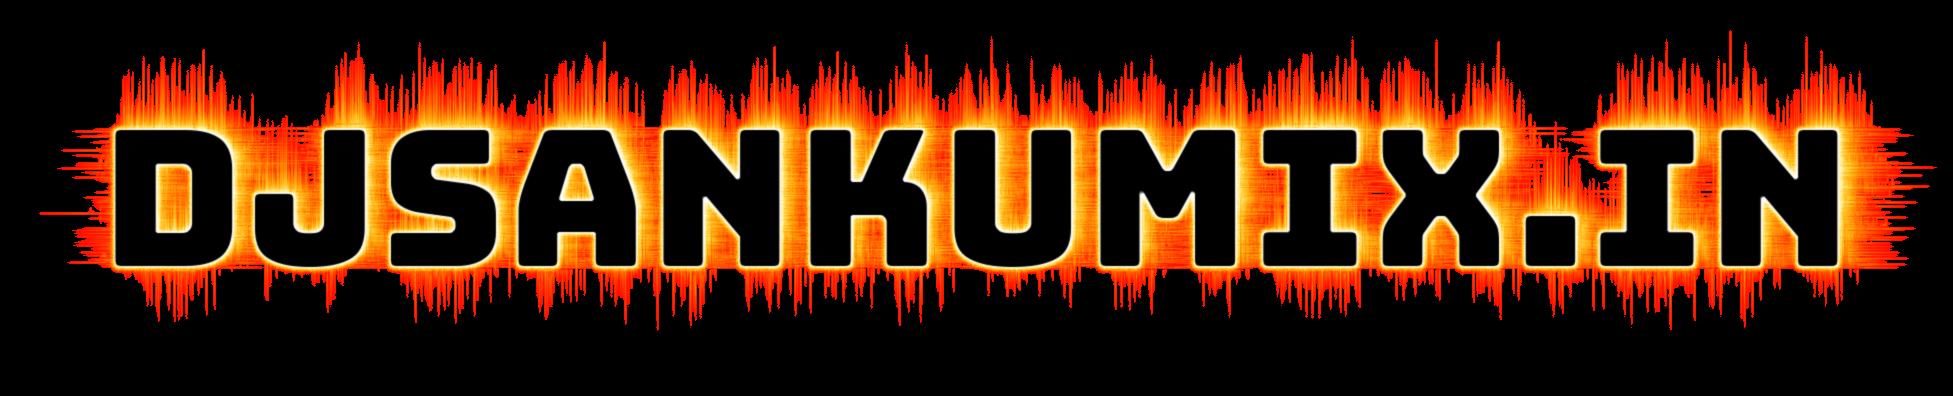 djsankumix.in